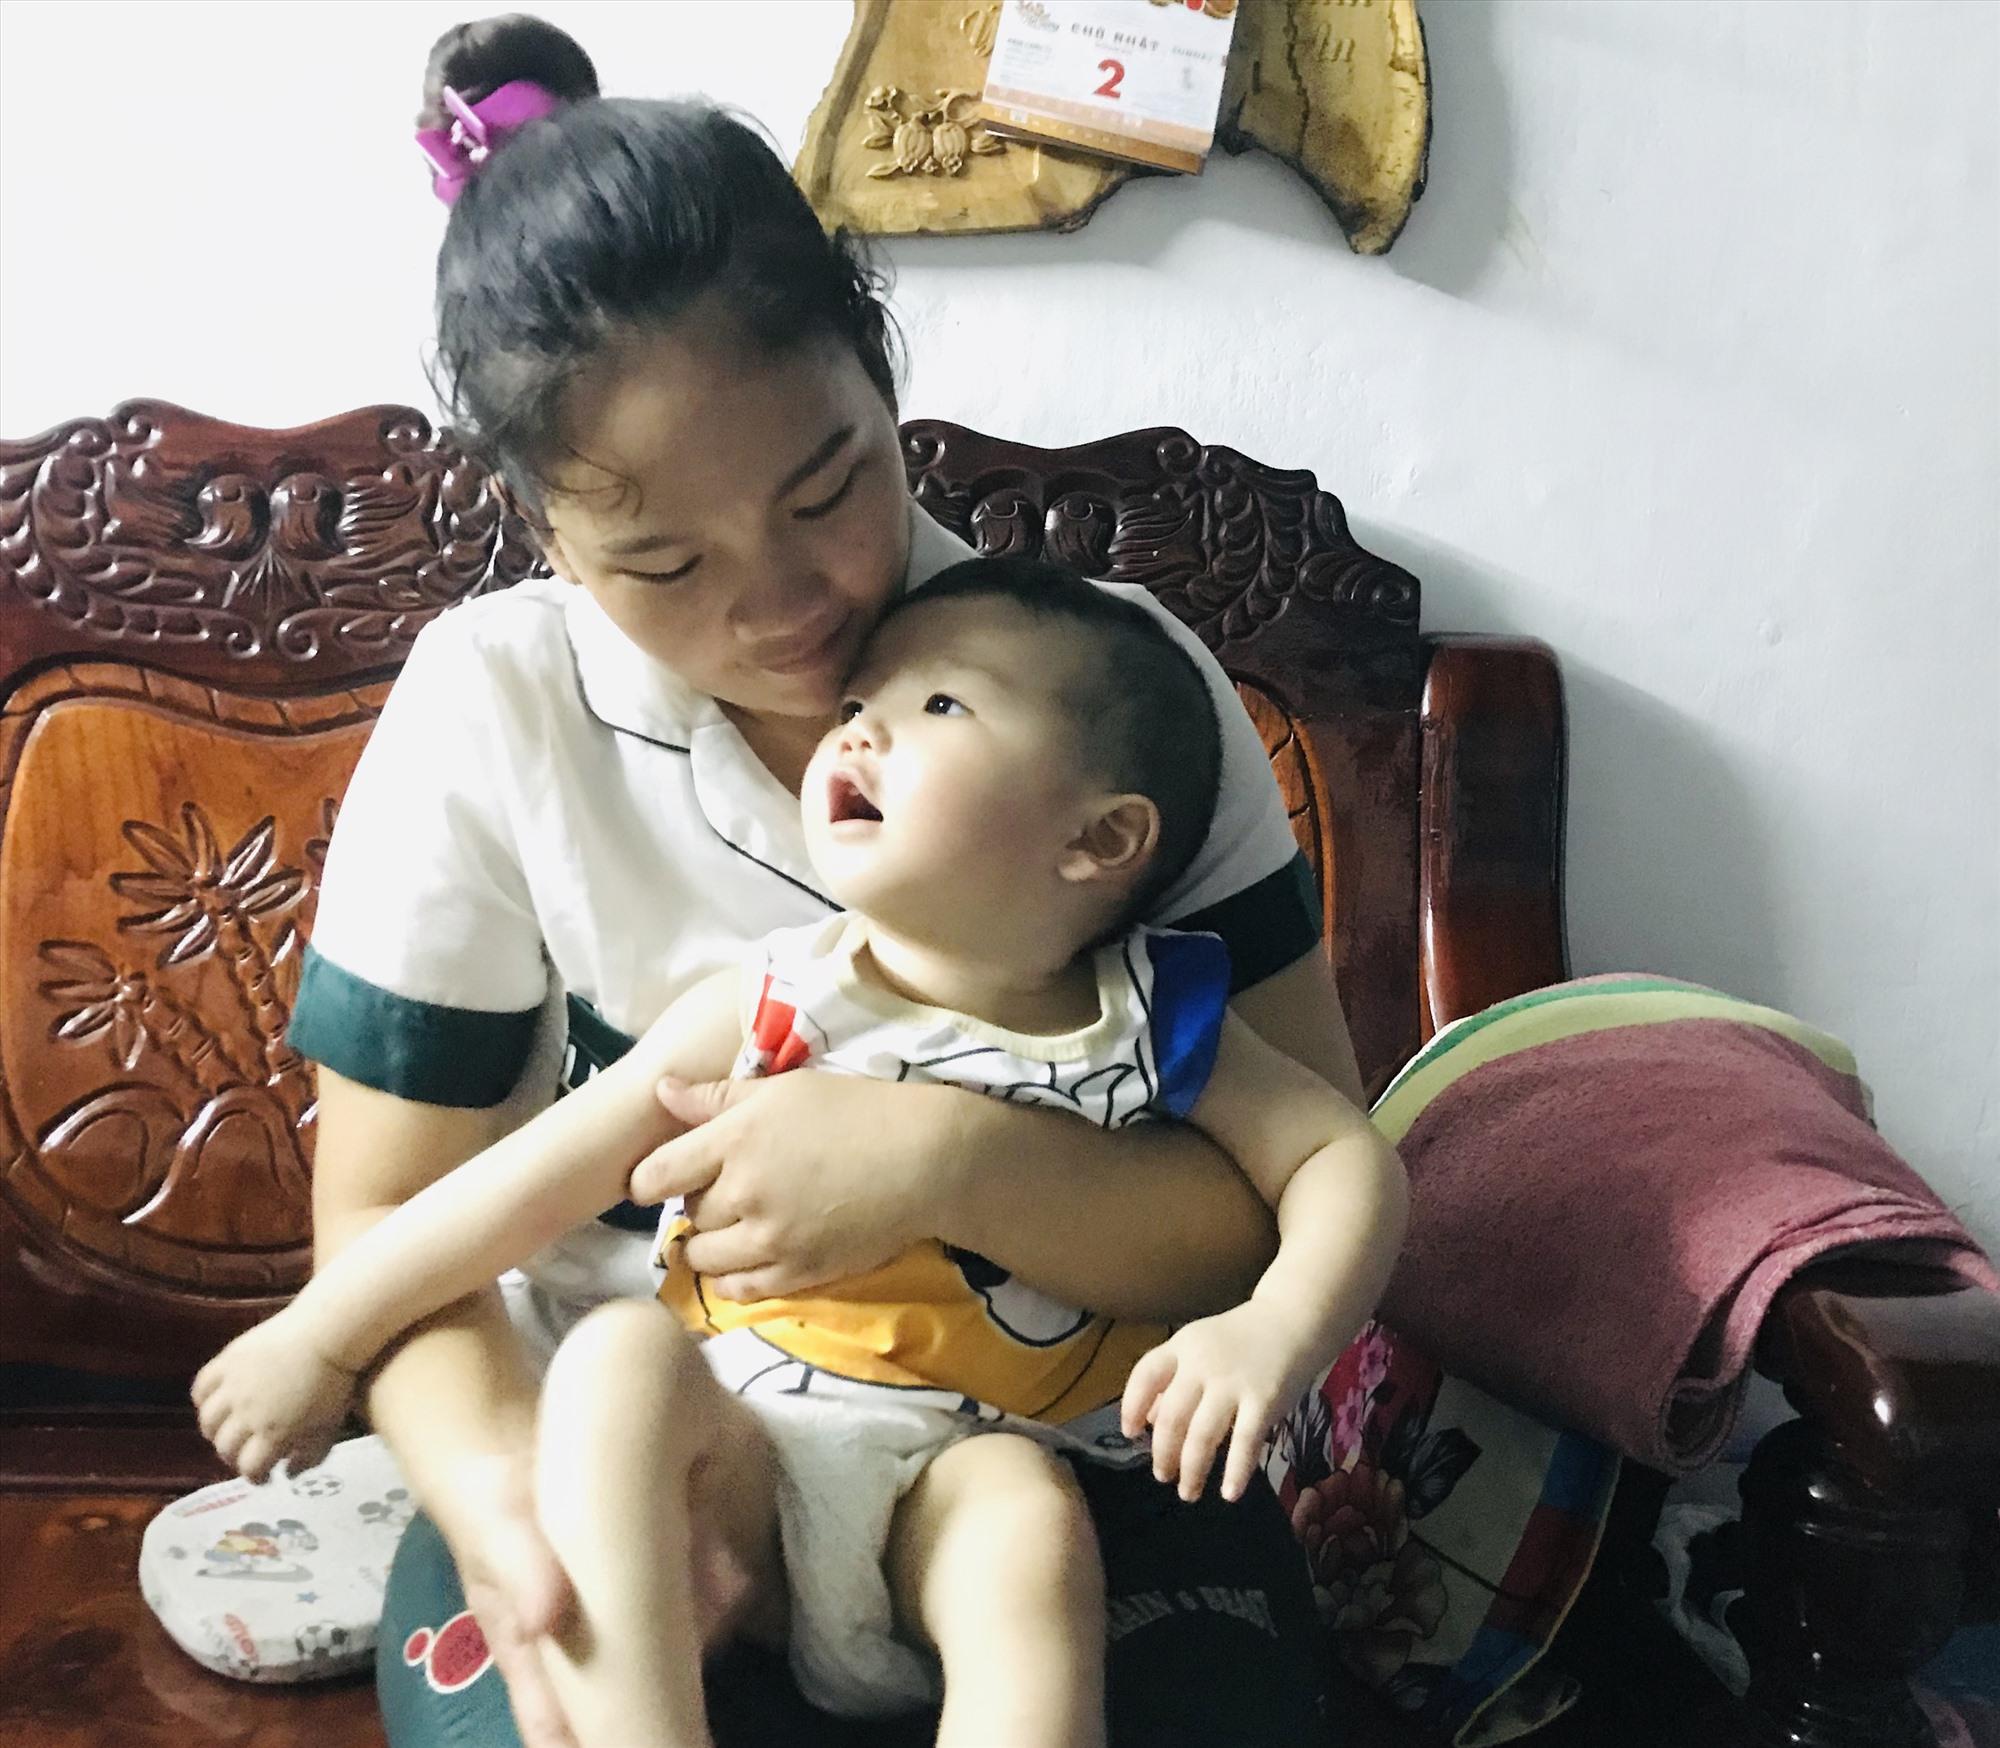 Cháu Huỳnh Anh Kiệt trong vòng tay của mẹ. Ảnh: C.N